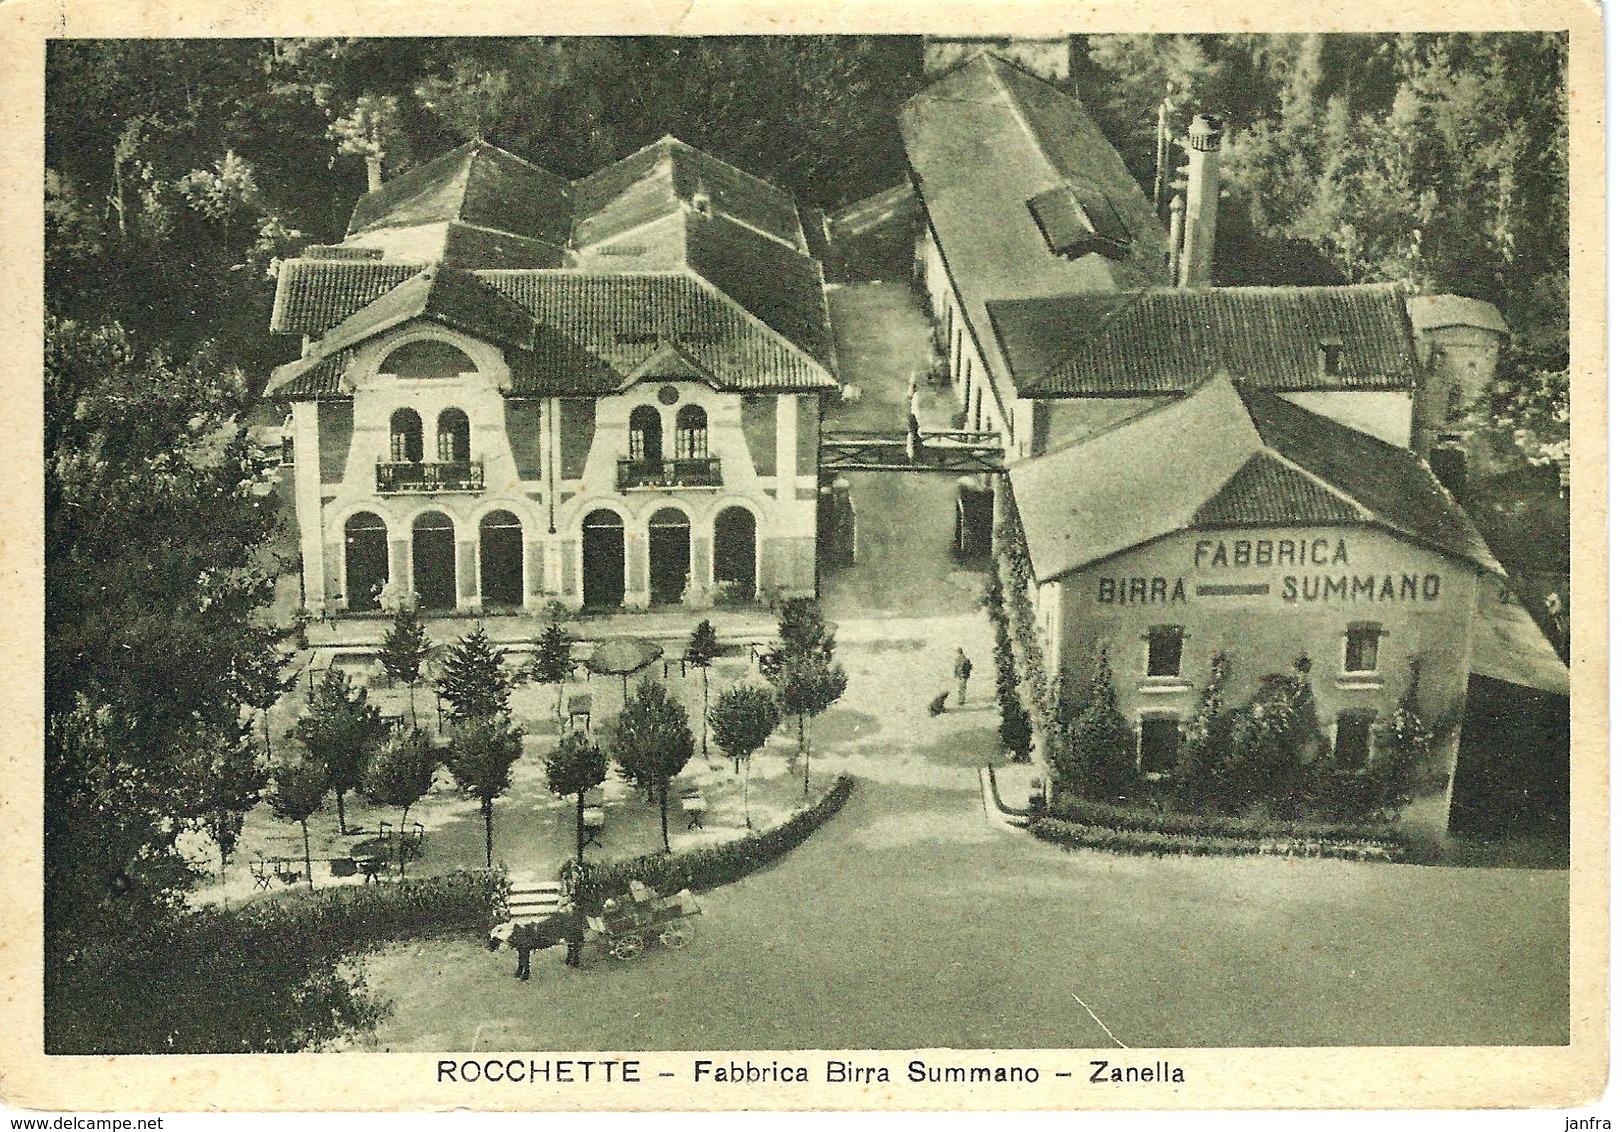 ROCCHETTE - FABBRICA BIRRA SUMMANO - ZANELLA - Vicenza